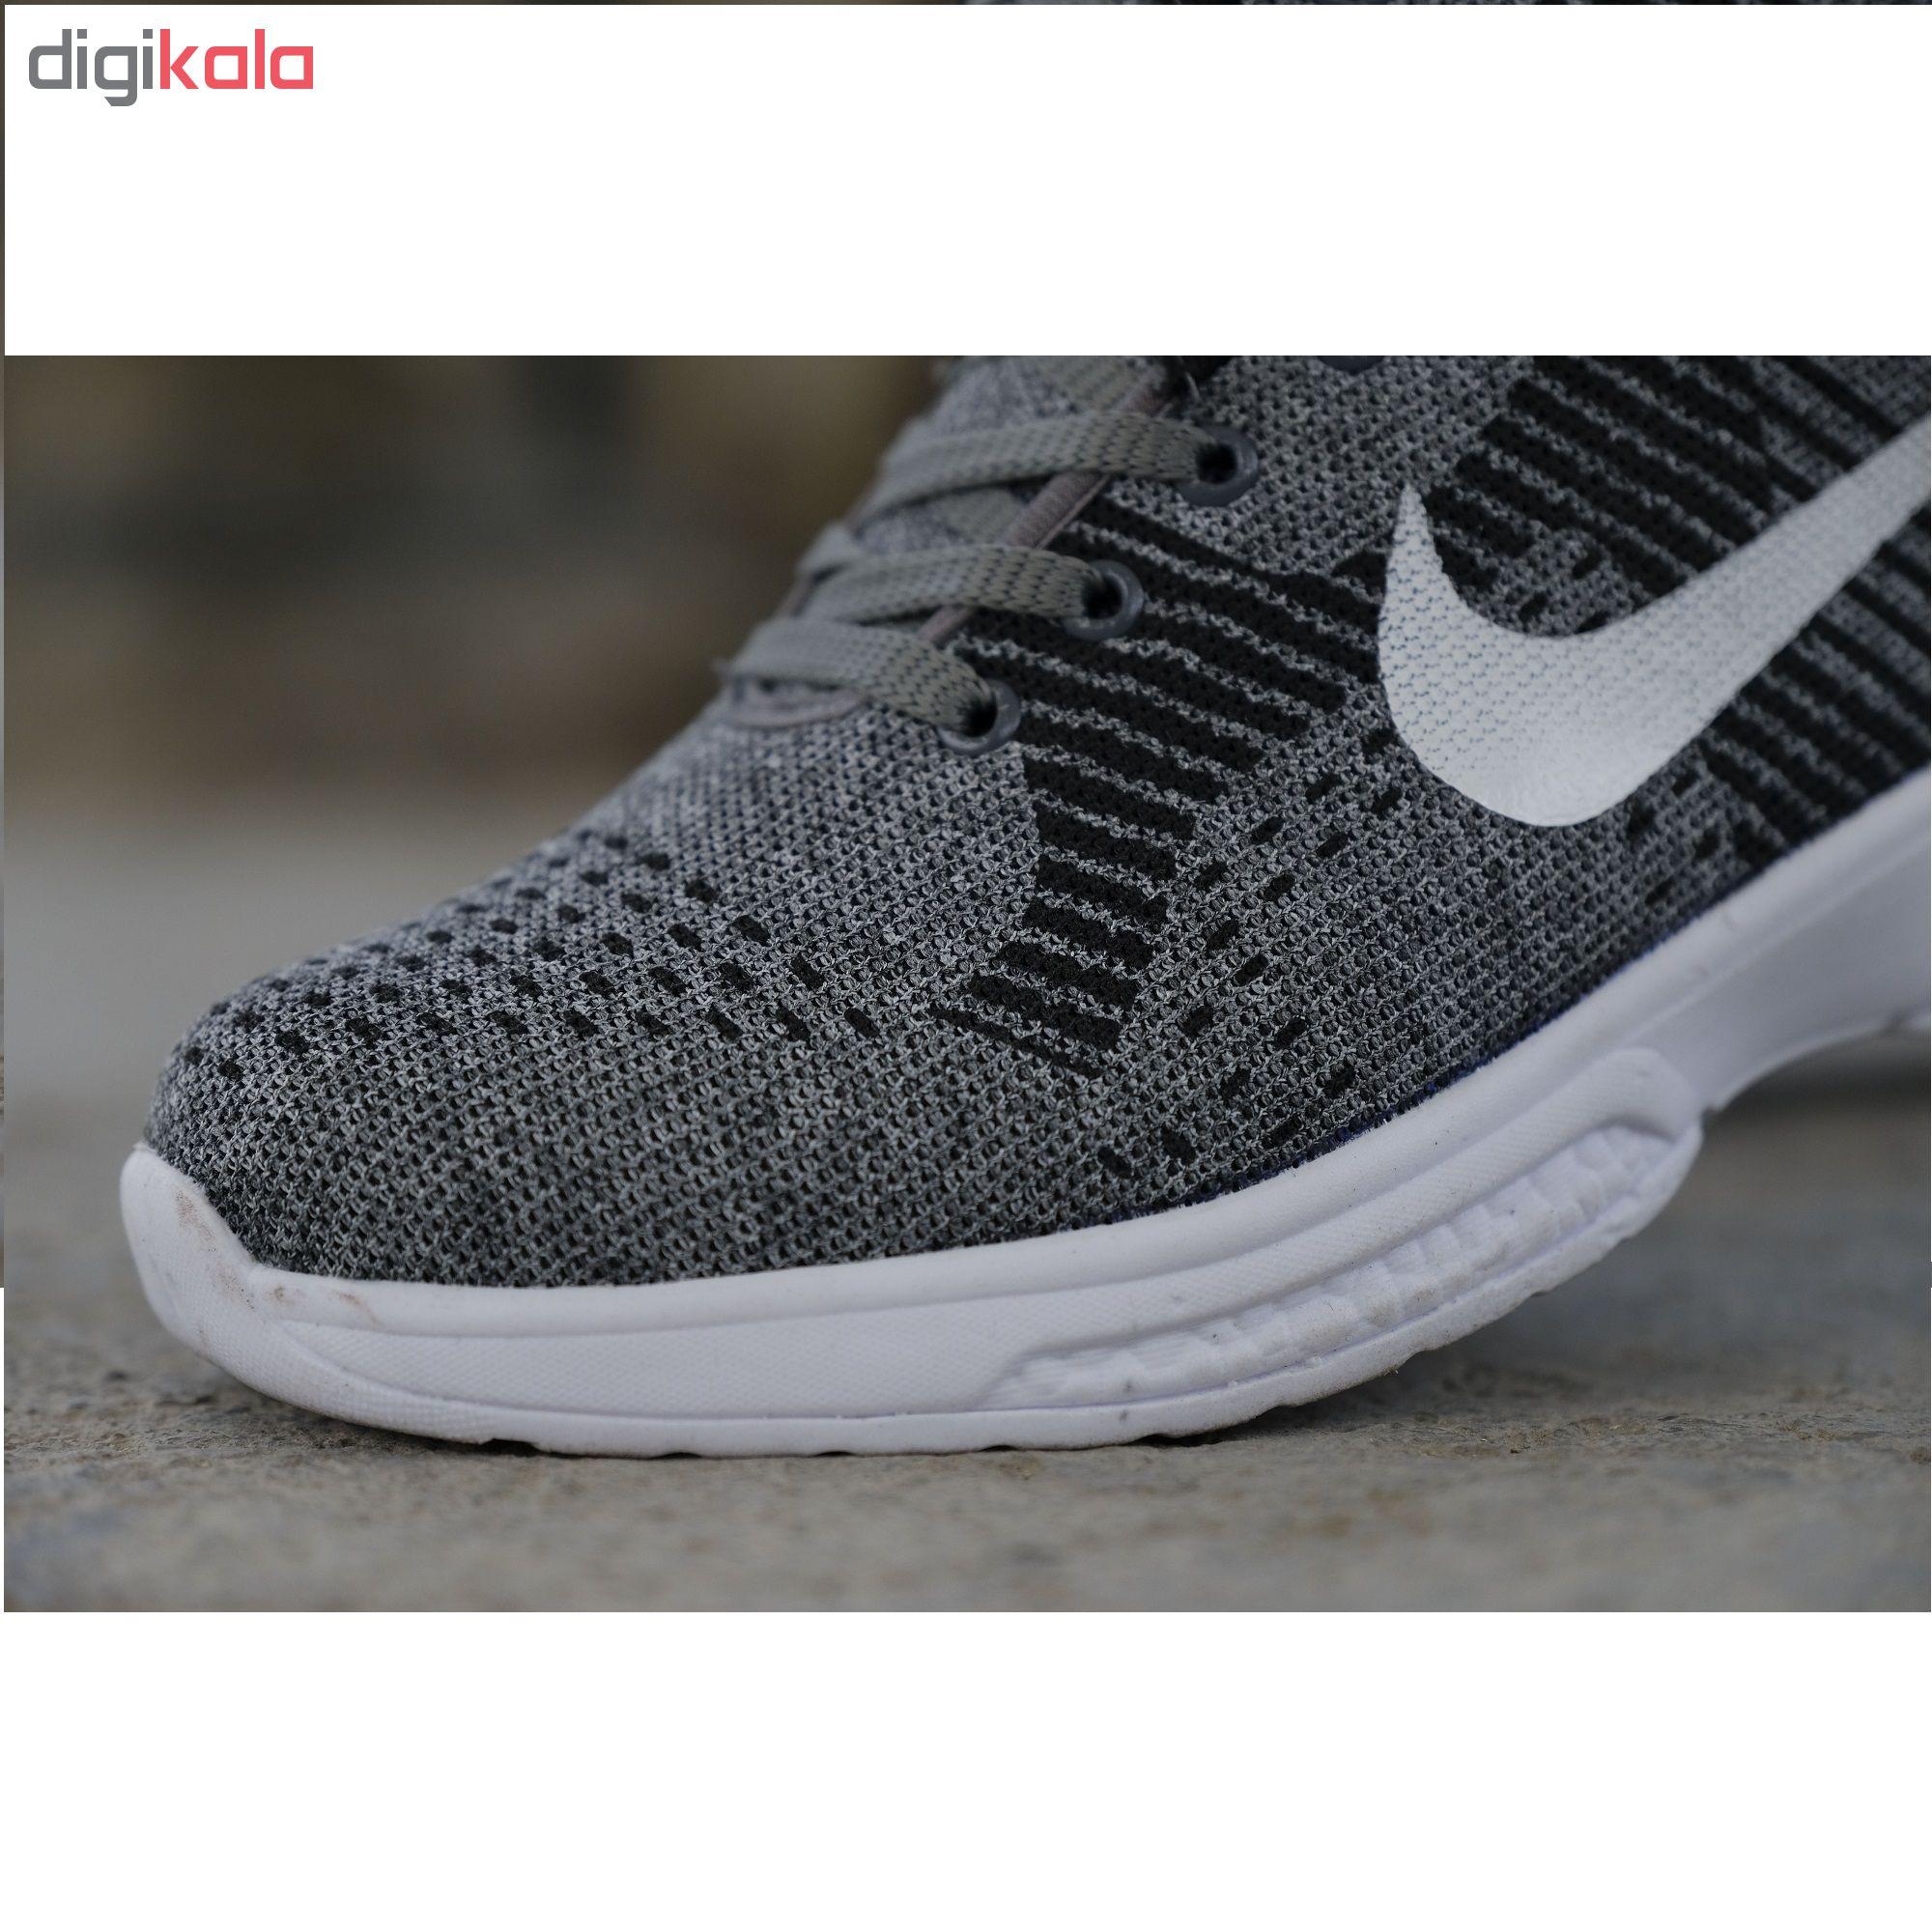 کفش مخصوص پیاده روی مردانه مدل nik.pama.khal.khal رنگ طوسی